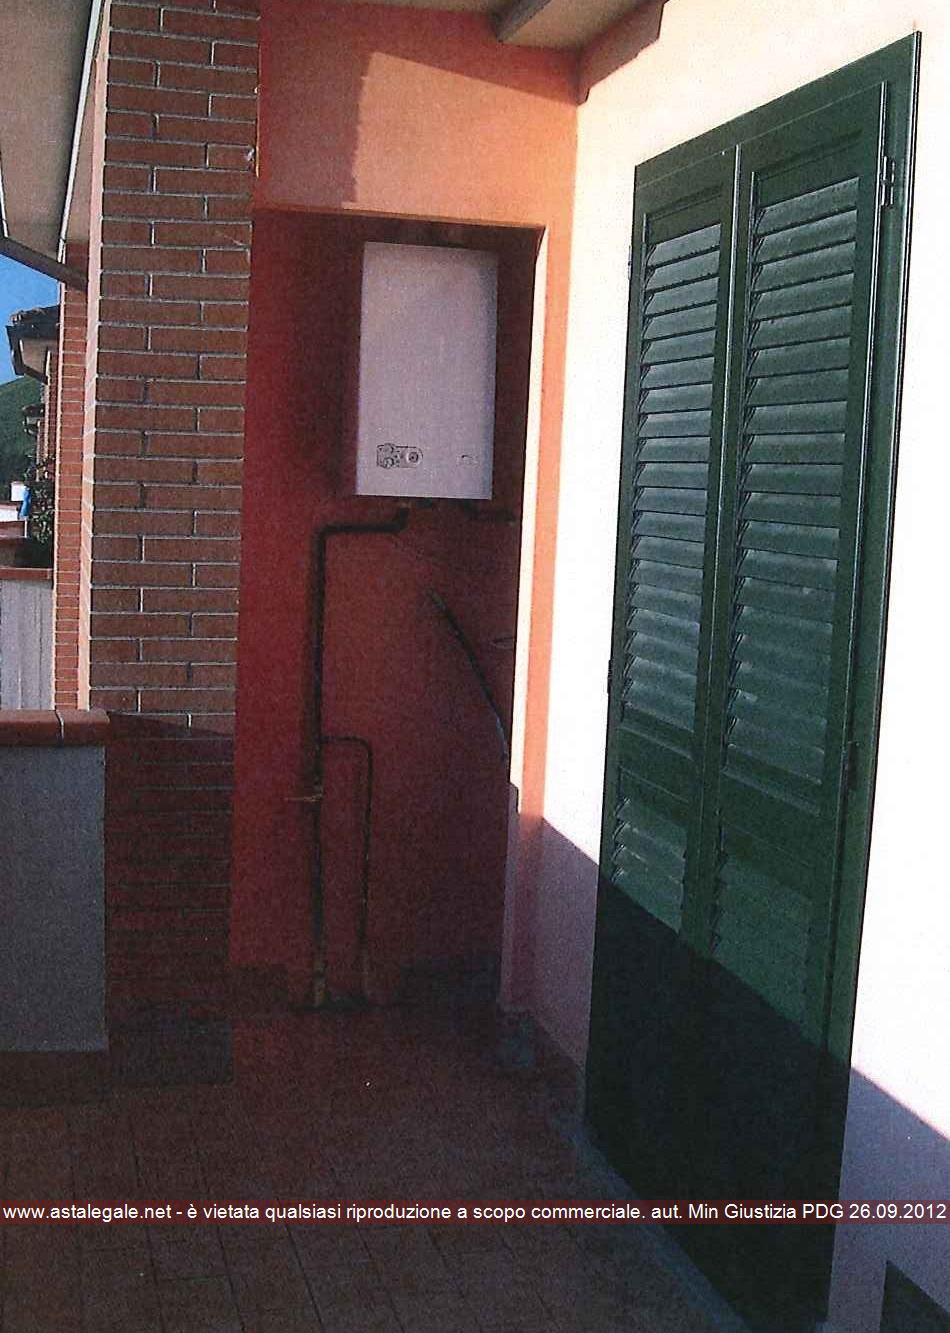 Bilocale Castelfiorentino Via Chini 11 2